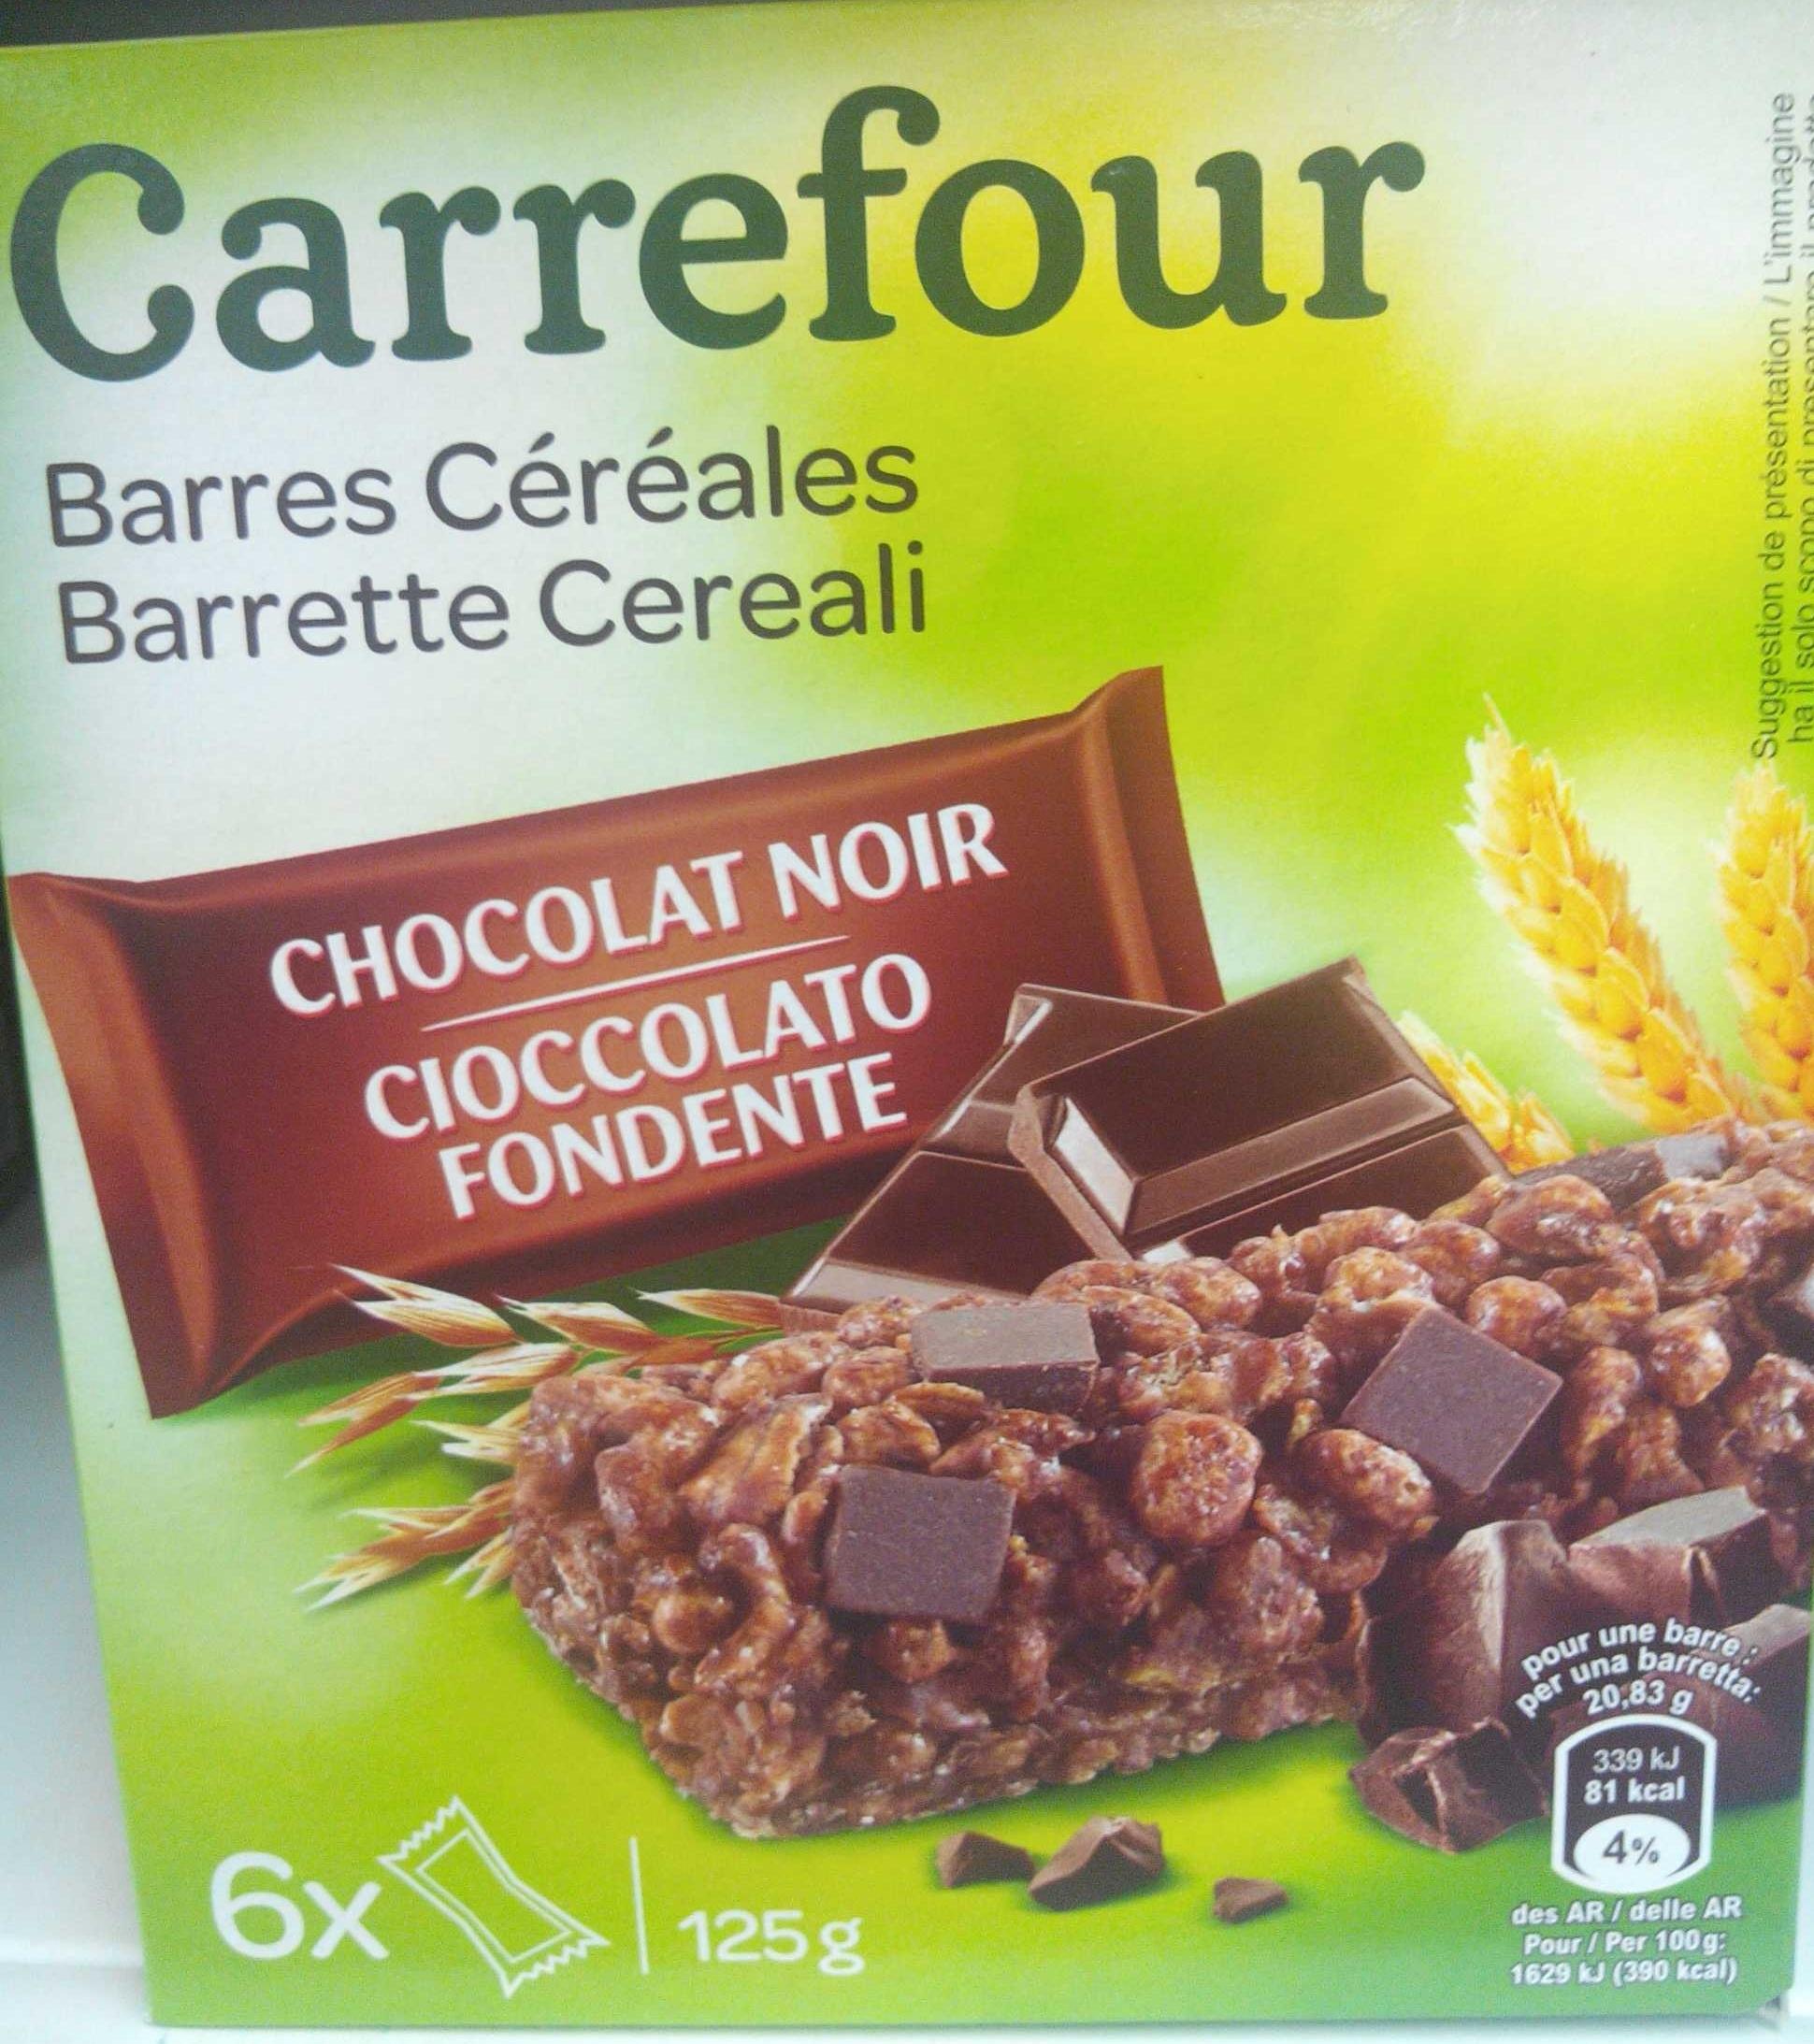 Barres céréales chocolat noir - Produit - fr